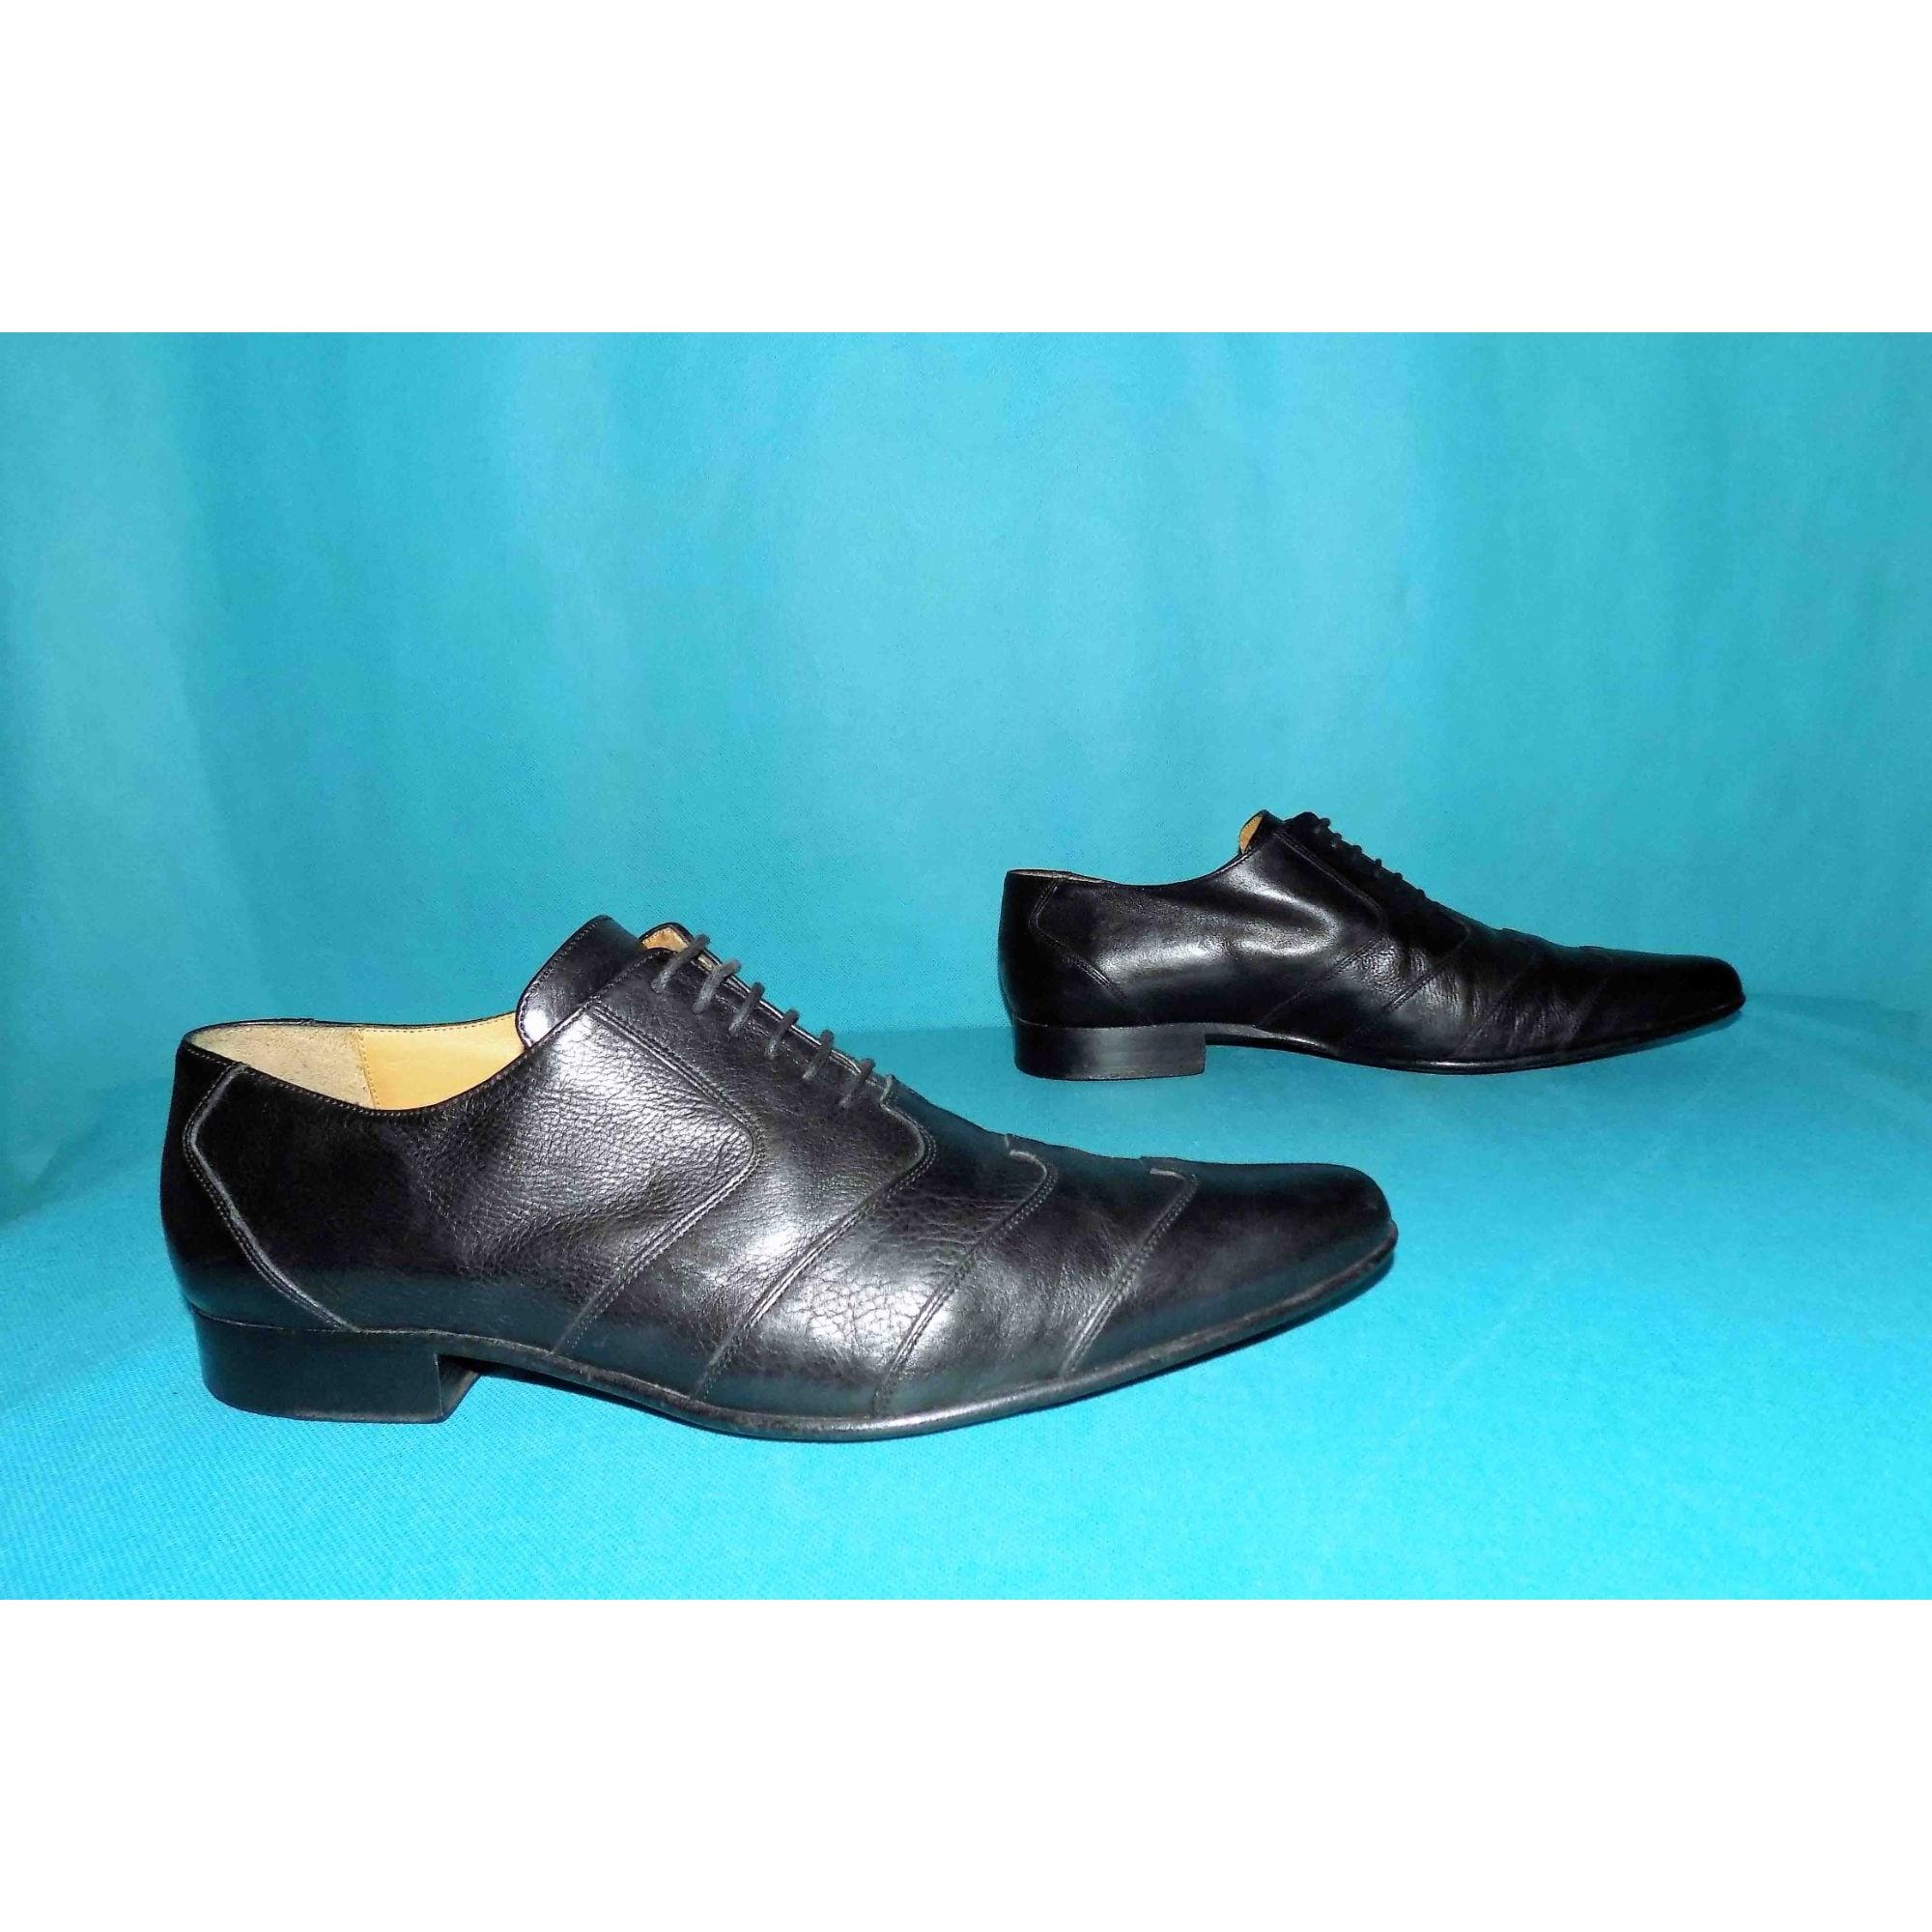 Chaussures à lacets JEAN BAPTISTE RAUTUREAU Noir